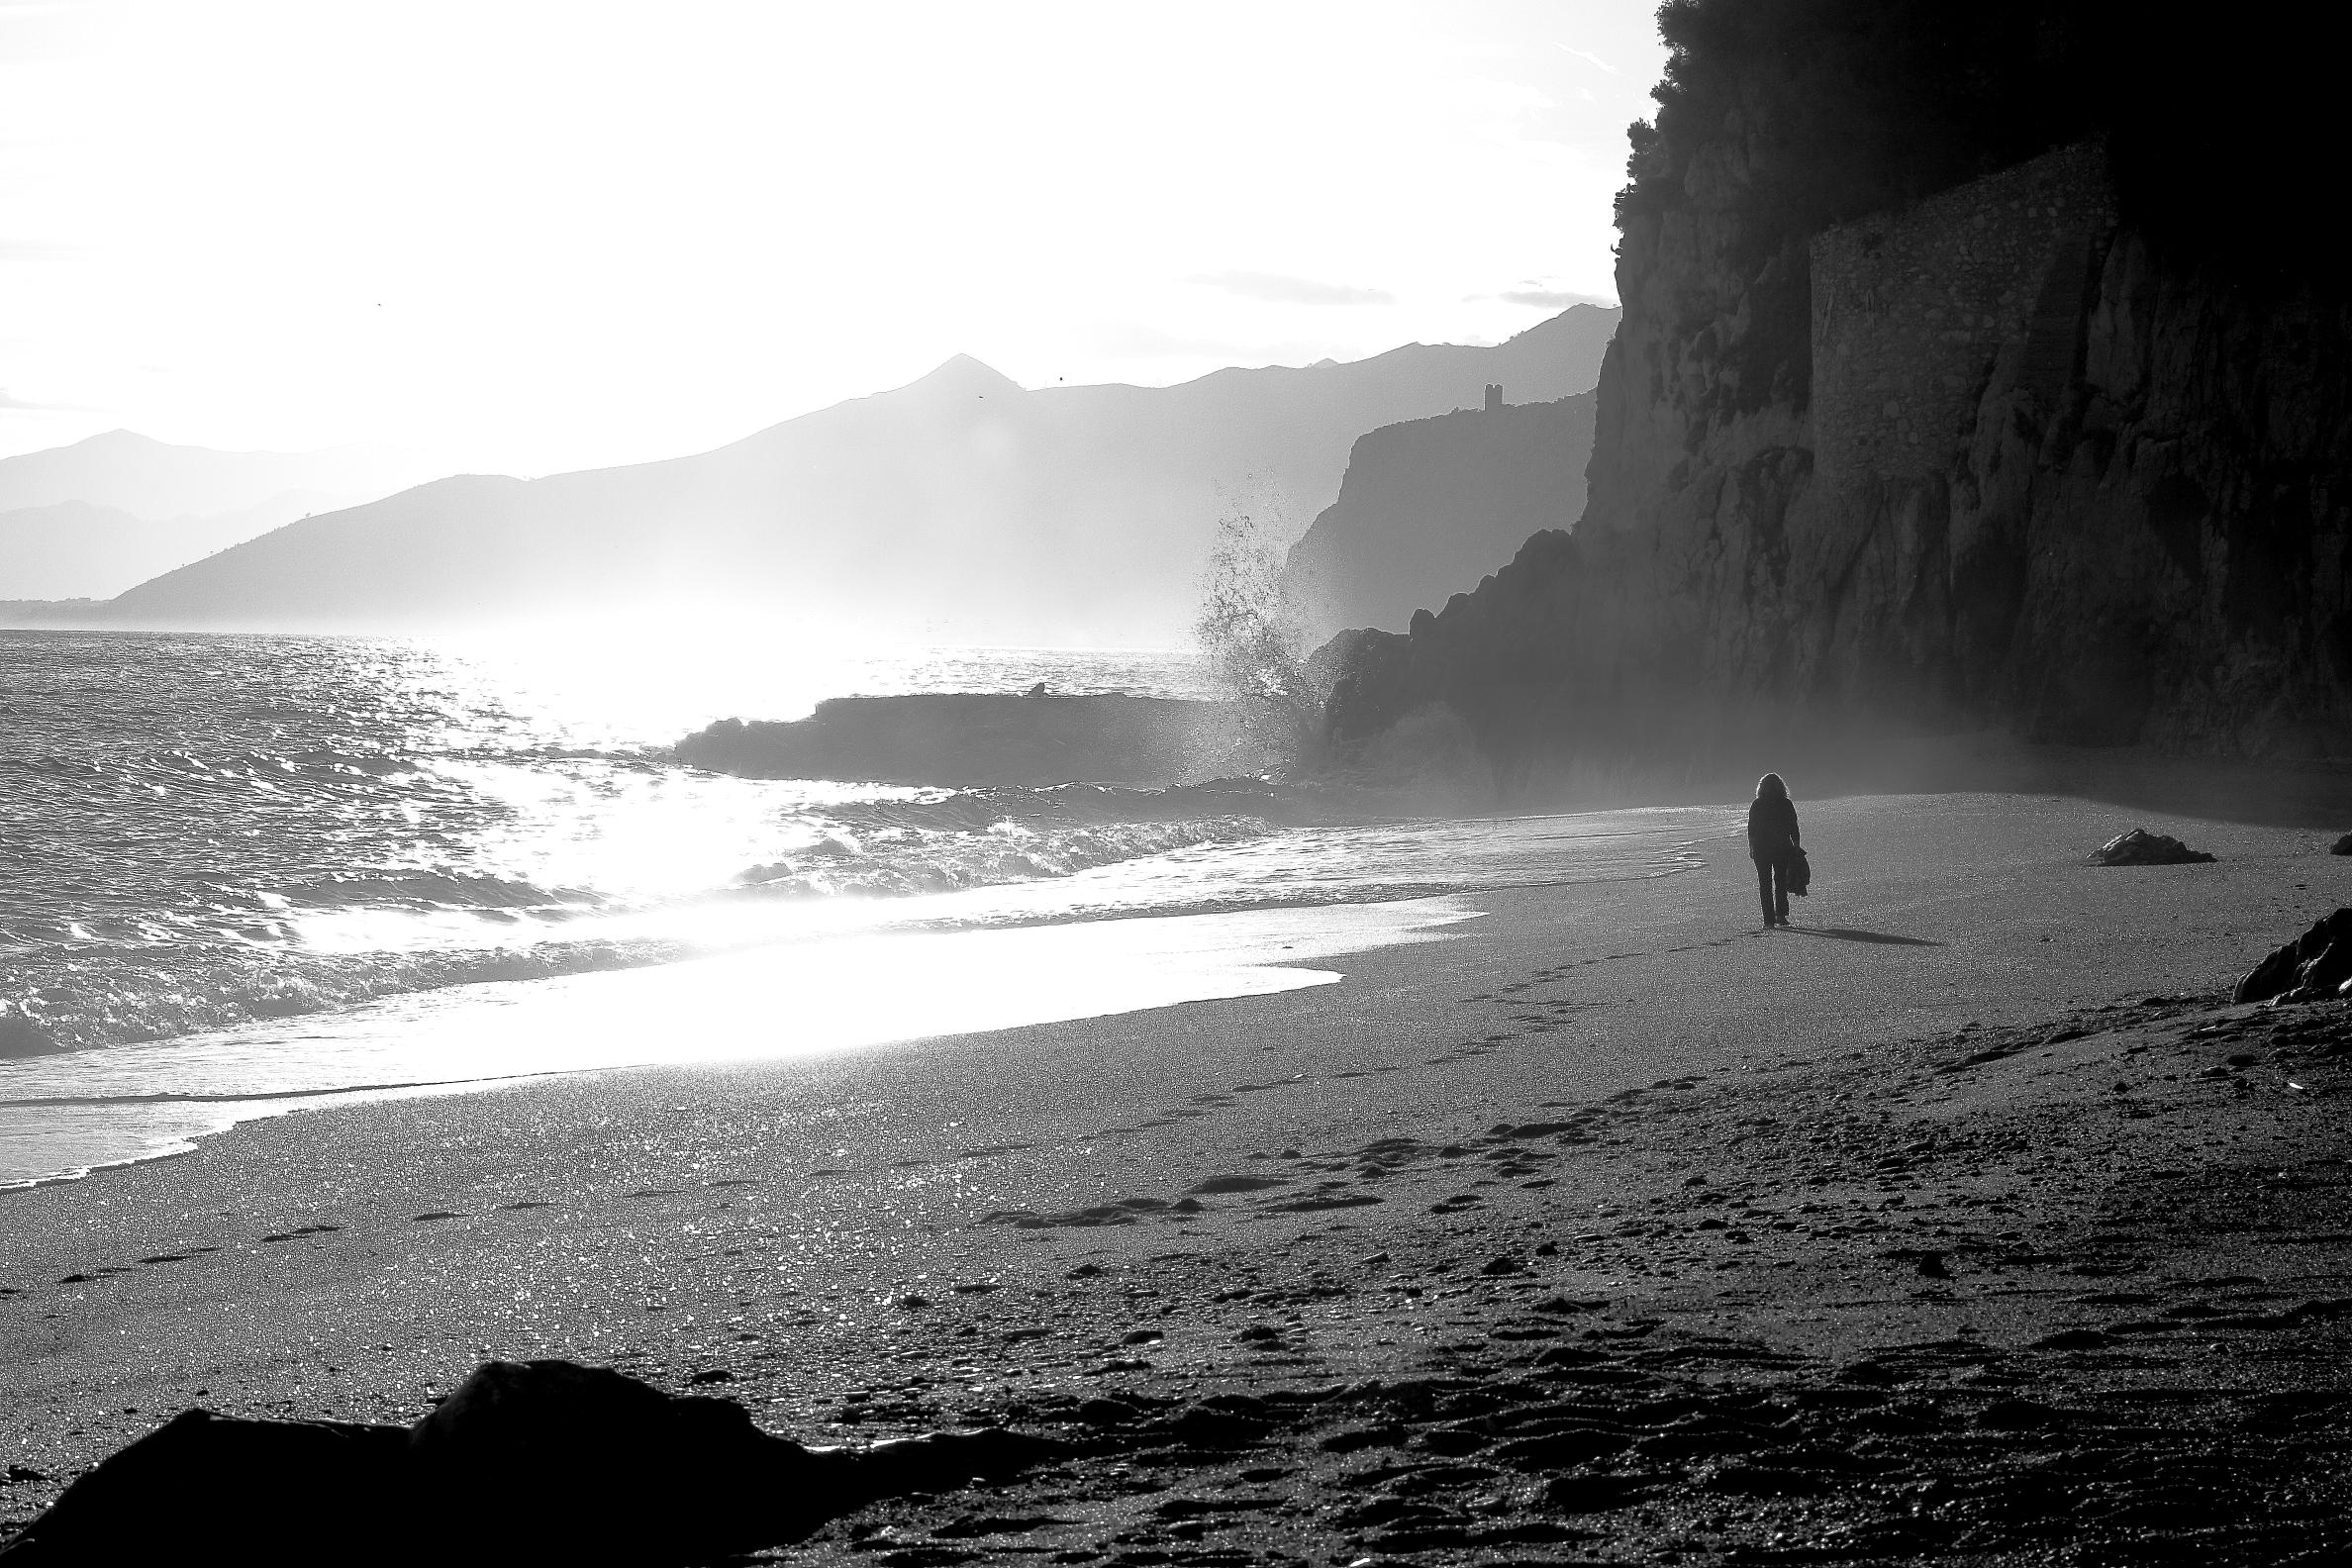 Beach in November...